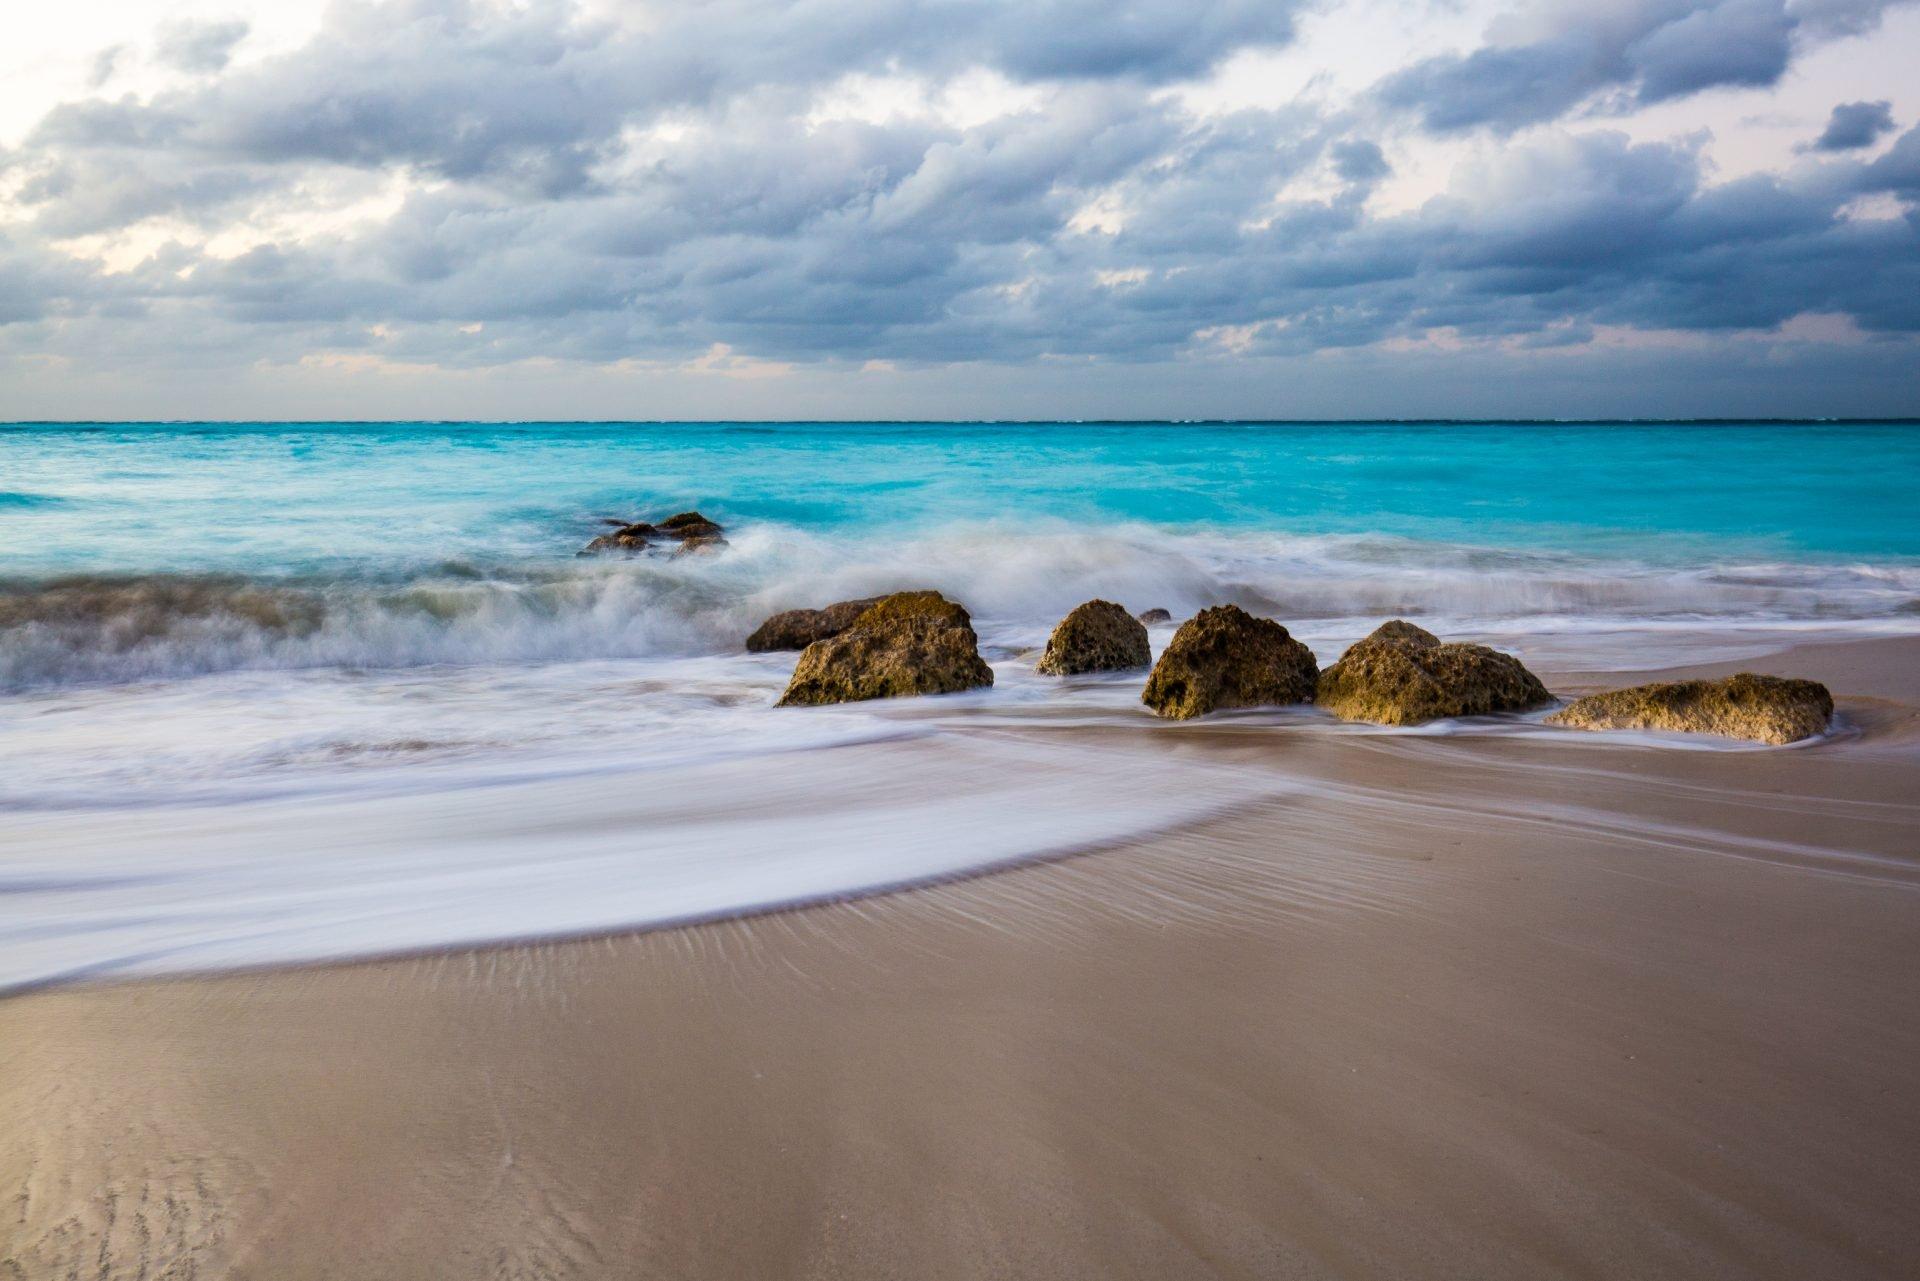 Turks And Caicos Vacation Rentals